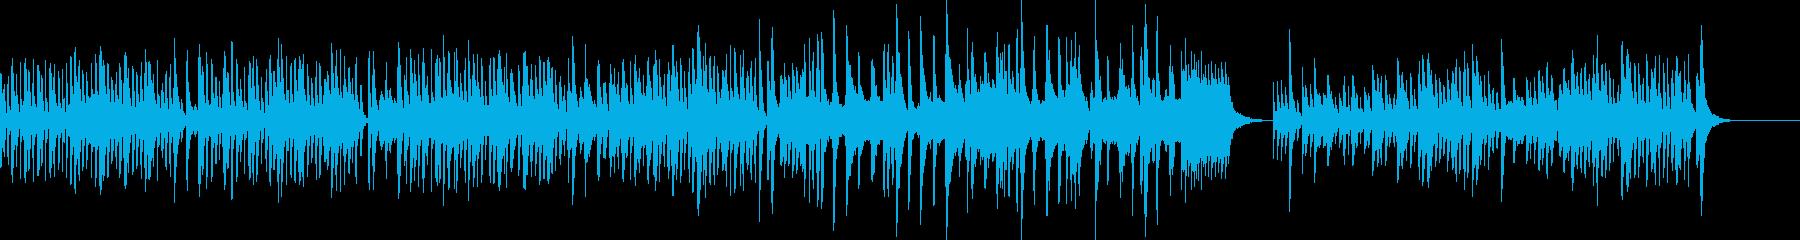 可愛らしいゆったりBGMの再生済みの波形